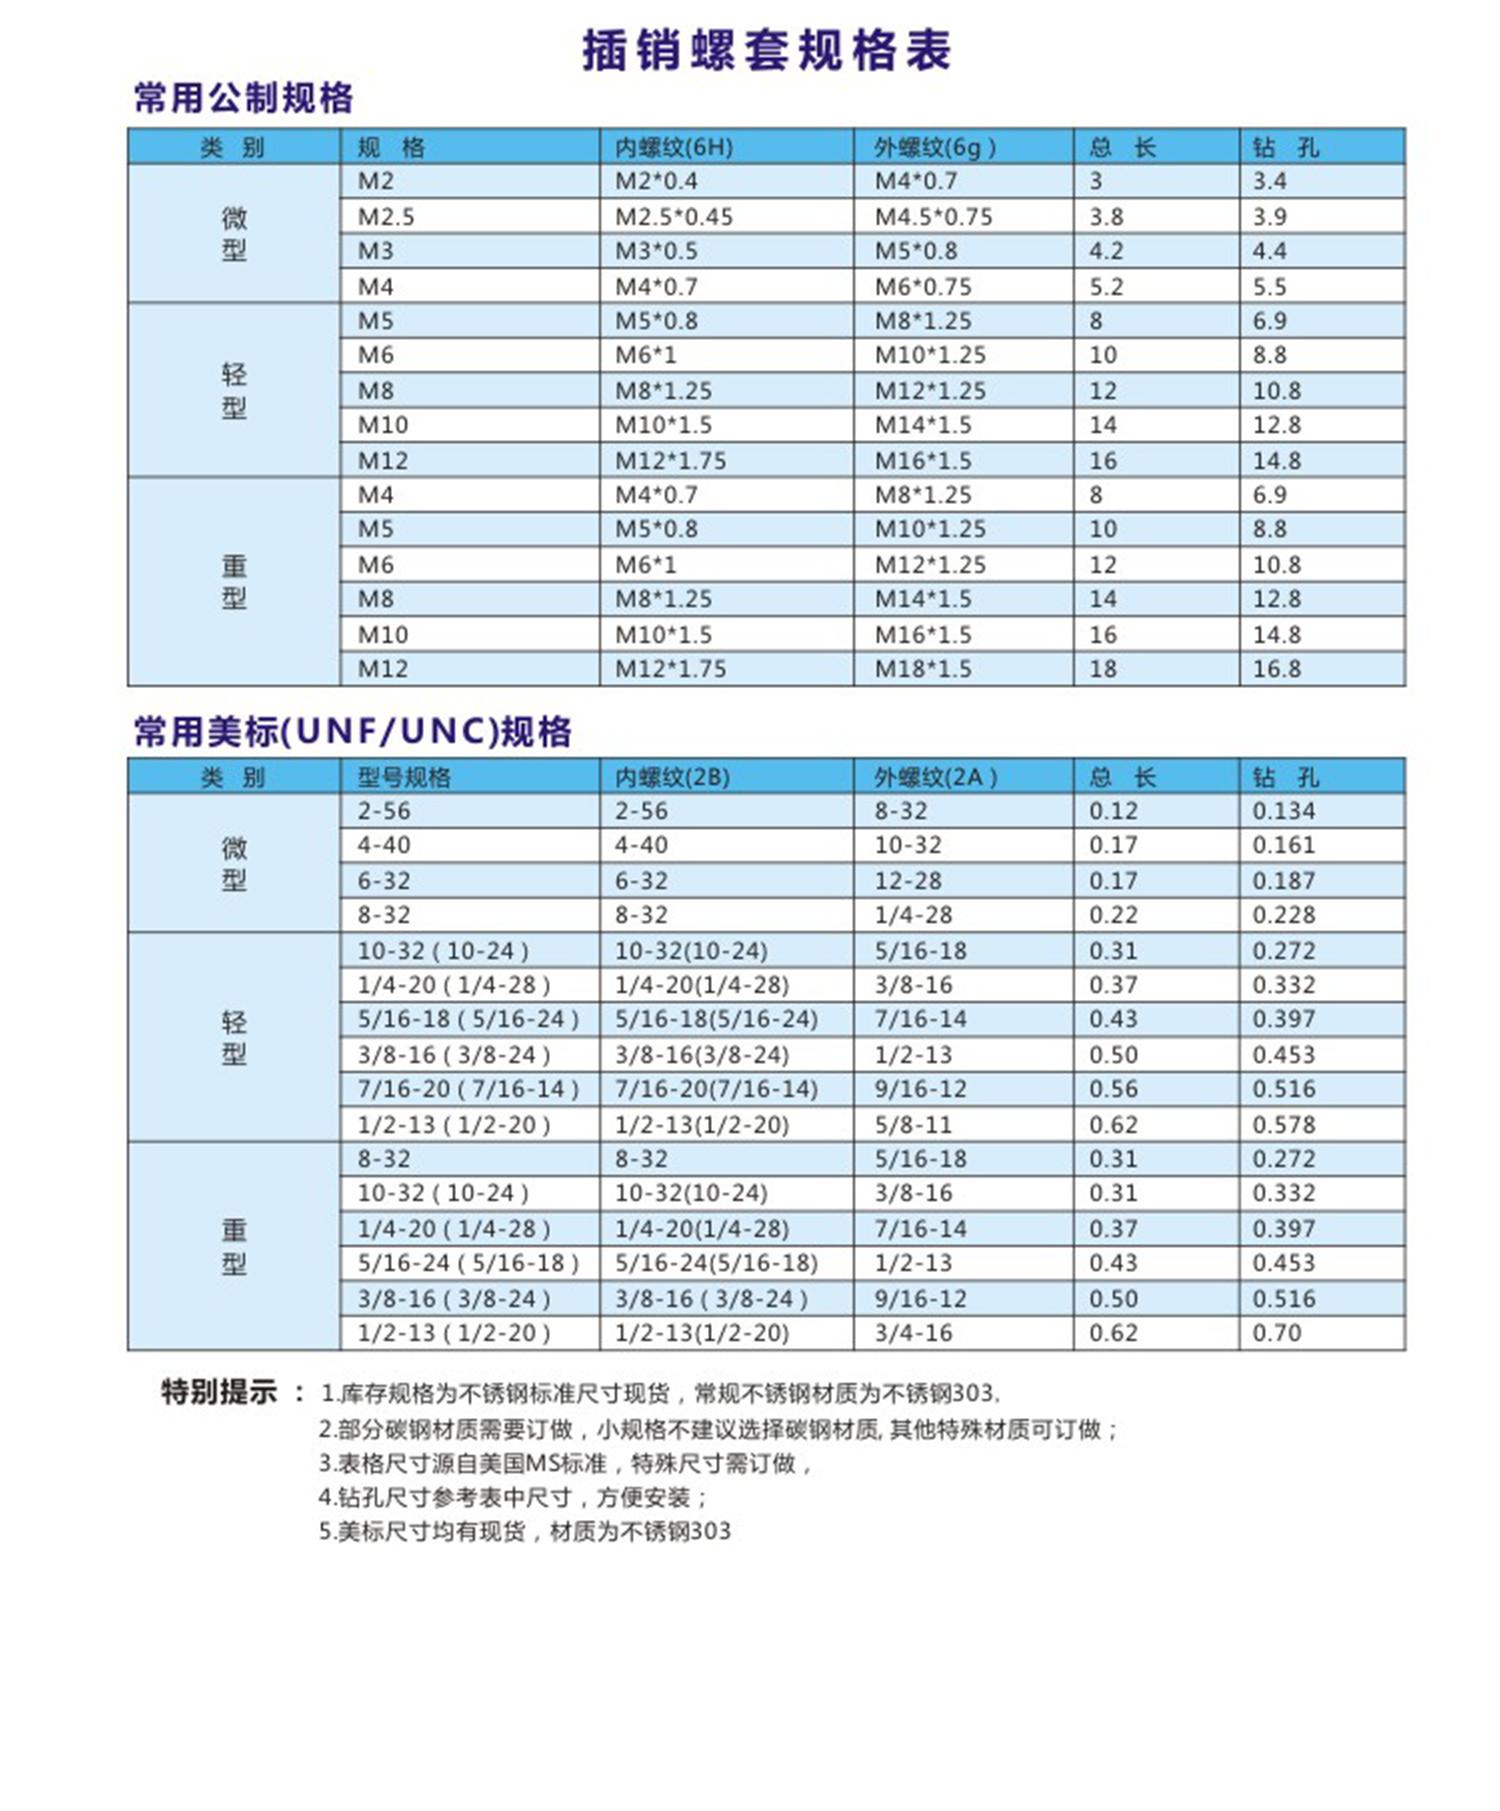 插销螺套产品详情_03.png